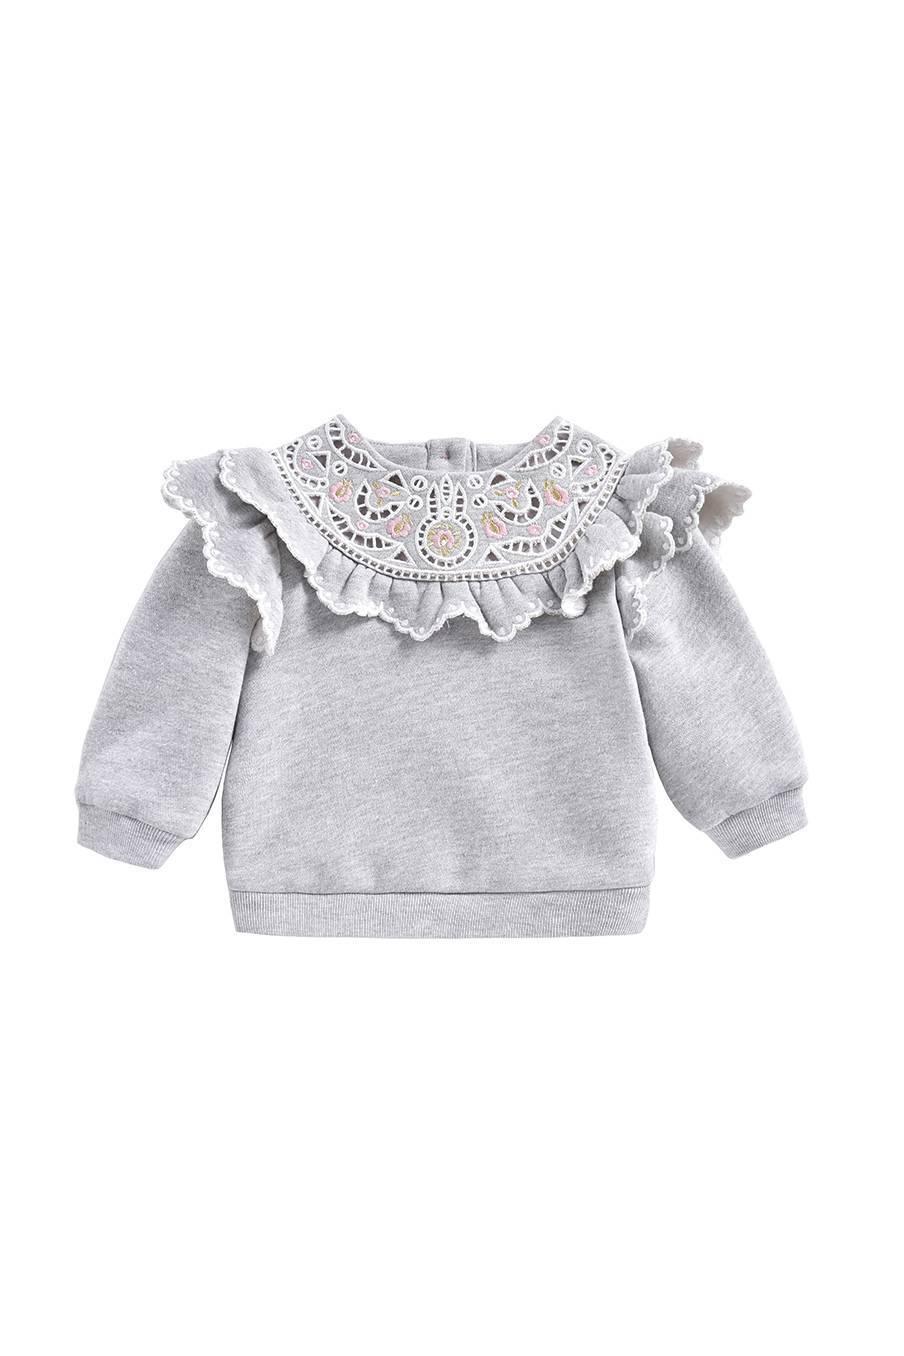 boheme chic vintage sweat bébé fille ludmila gris